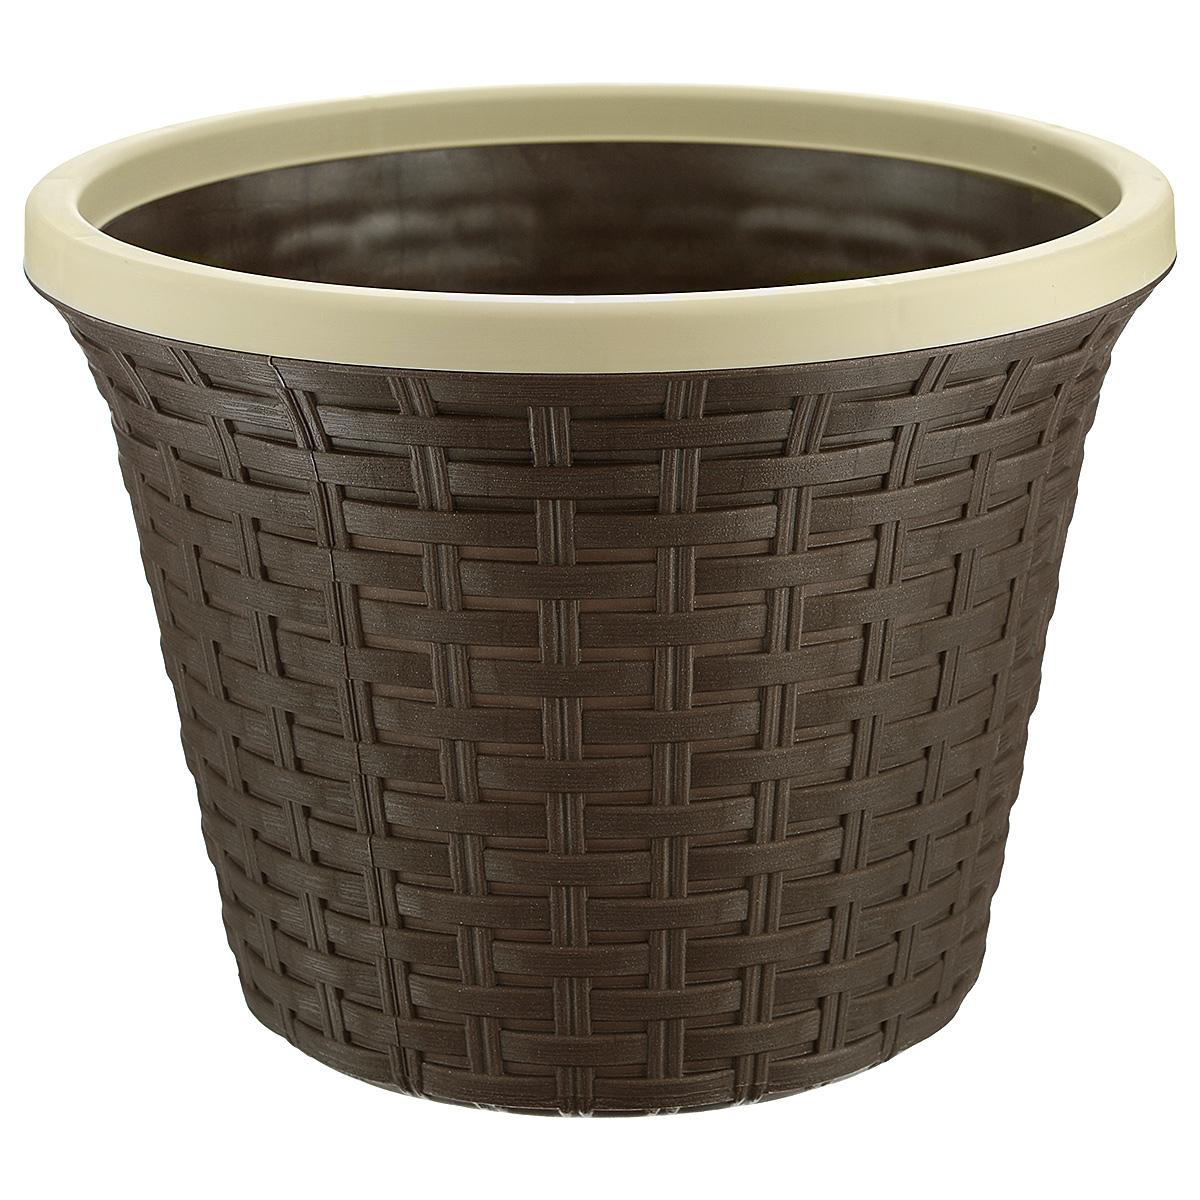 Кашпо Violet Ротанг, с дренажной системой, цвет: коричневый, 6,5 лBH-SI0439-WWКашпо Violet Ротанг изготовлено из высококачественного пластика и оснащено дренажной системой для быстрого отведения избытка воды при поливе. Изделие прекрасно подходит для выращивания растений и цветов в домашних условиях. Лаконичный дизайн впишется в интерьер любого помещения.Объем: 6,5 л.